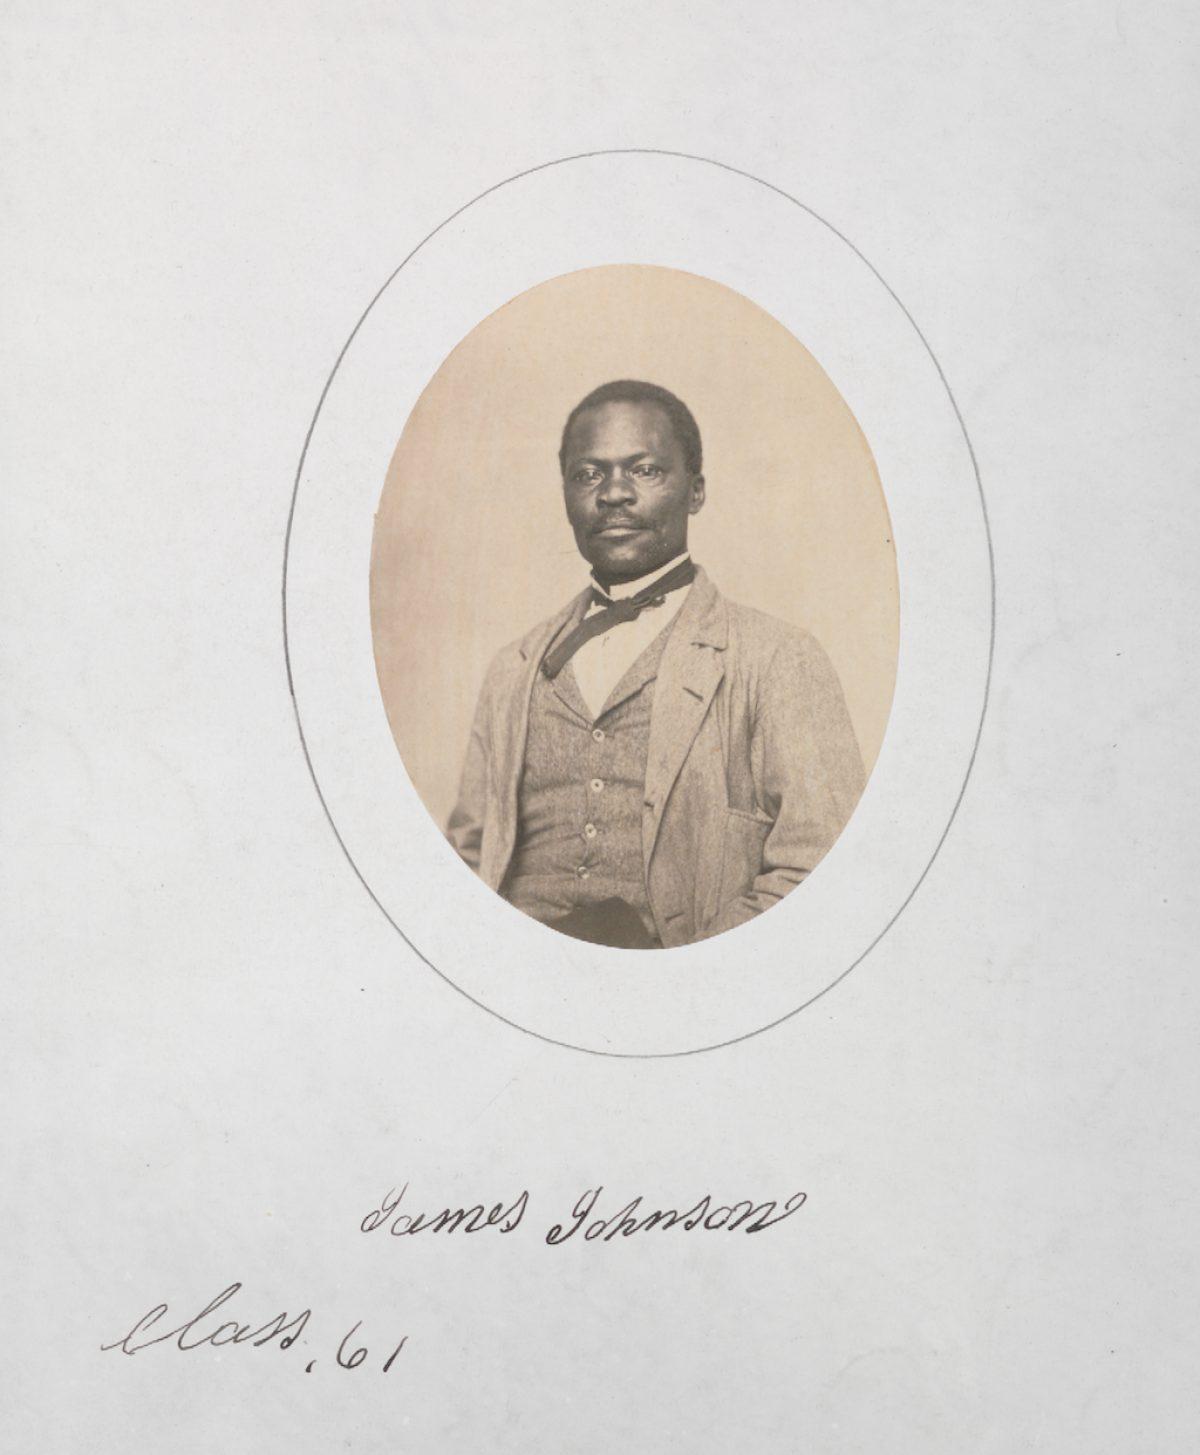 James C. Johnson circa 1861